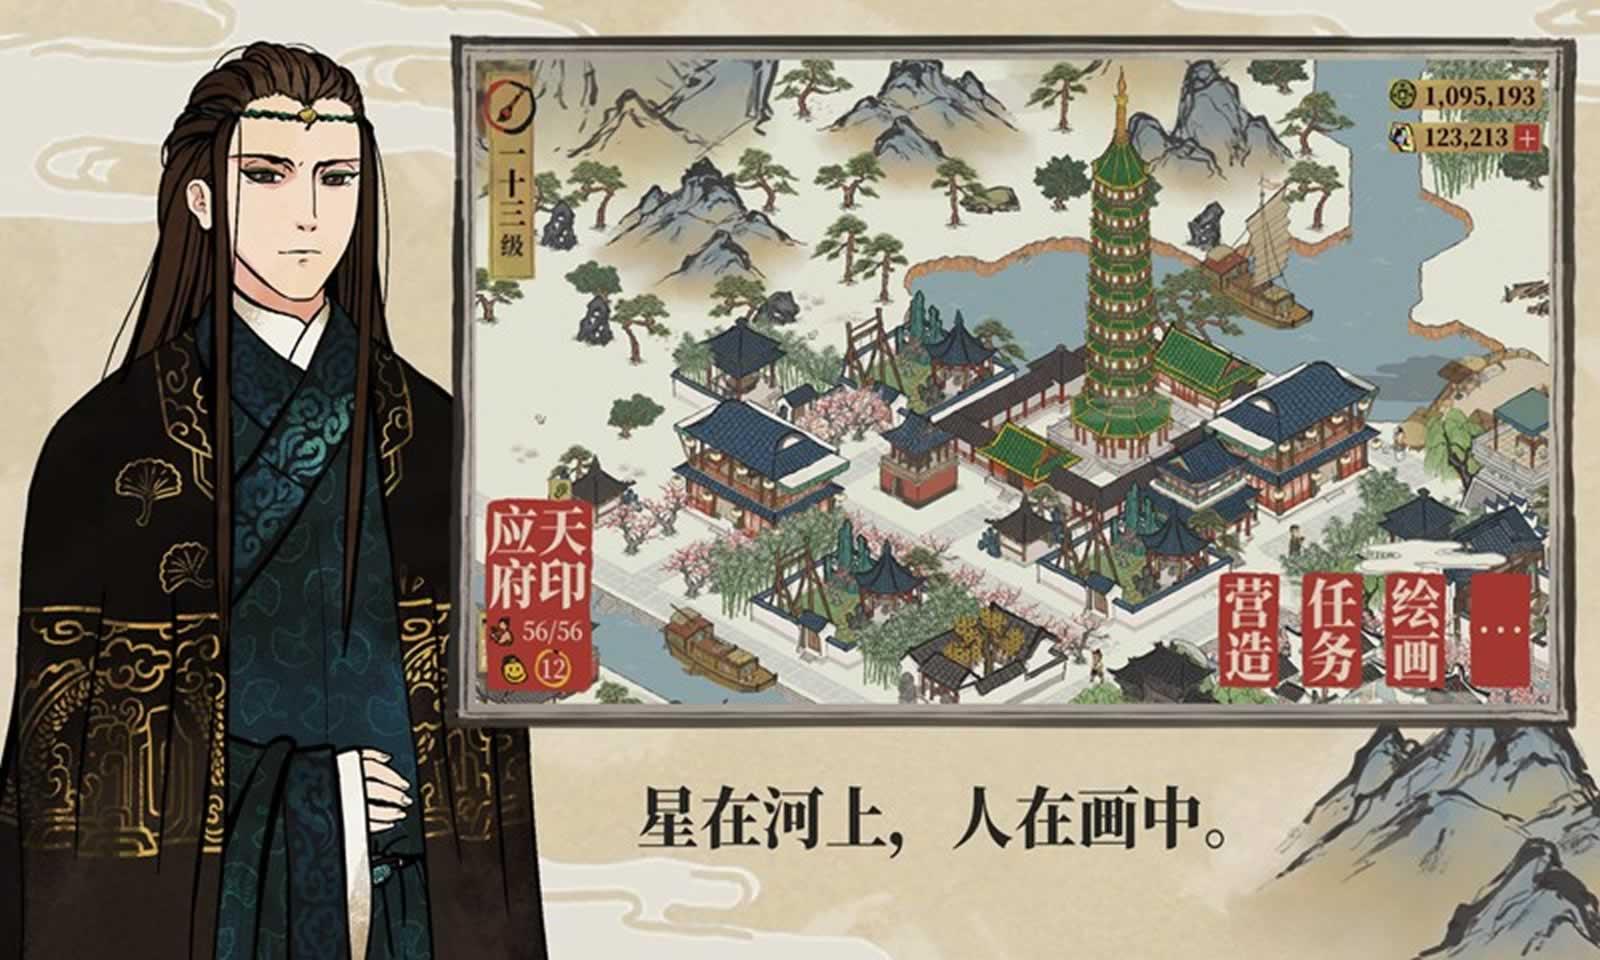 江南百景图破解版免更新1.2.6版游戏截图